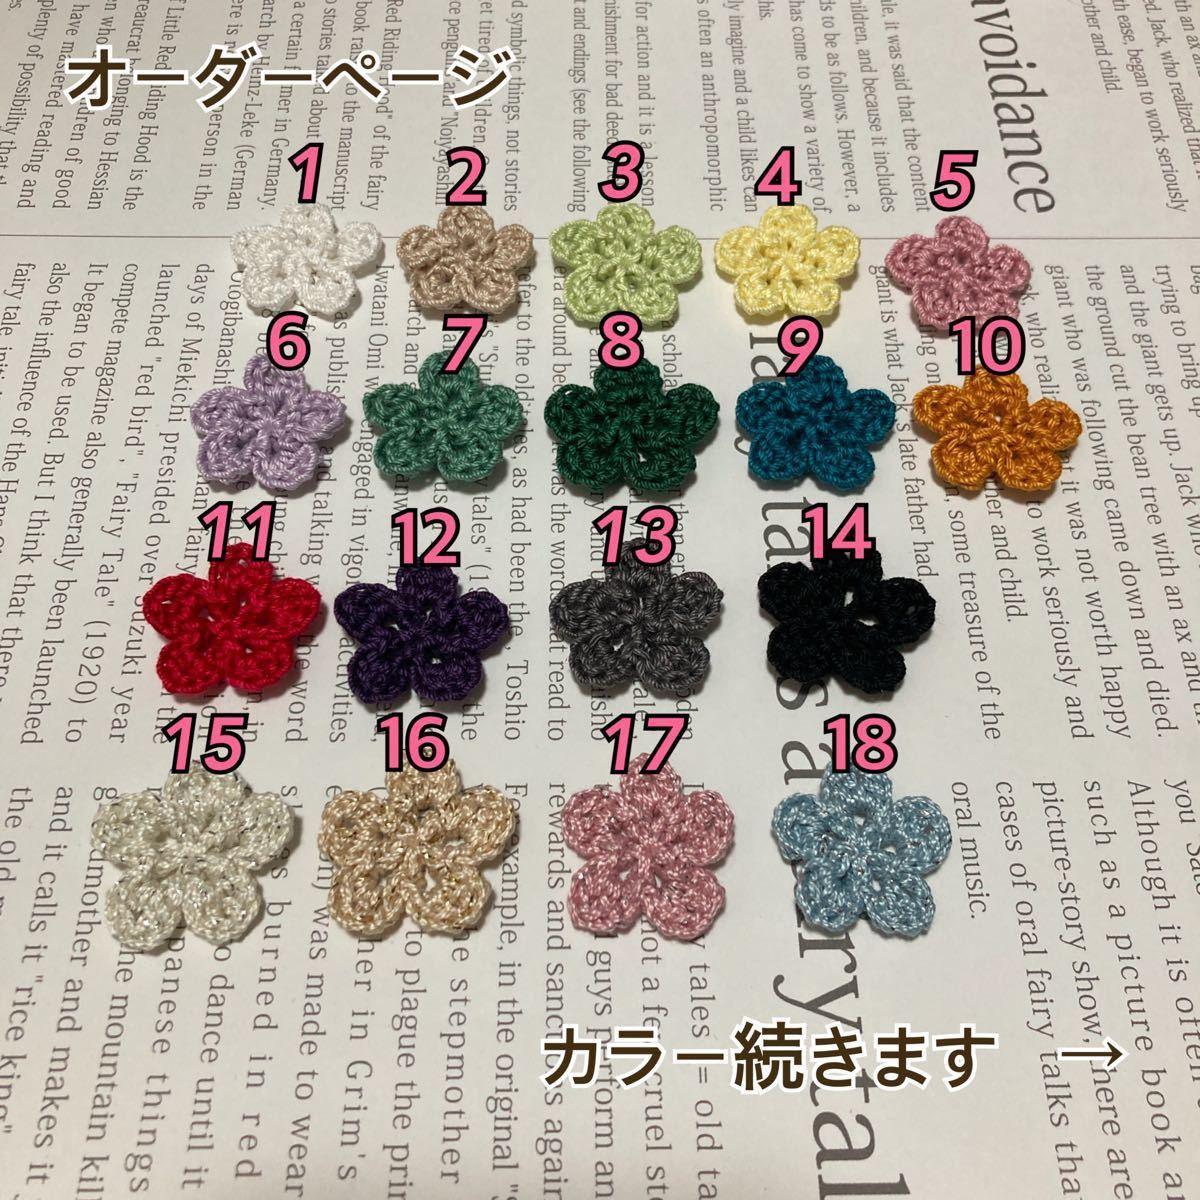 【15個セット】ハンドメイド お花モチーフ かぎ編み レース編み コットン編み